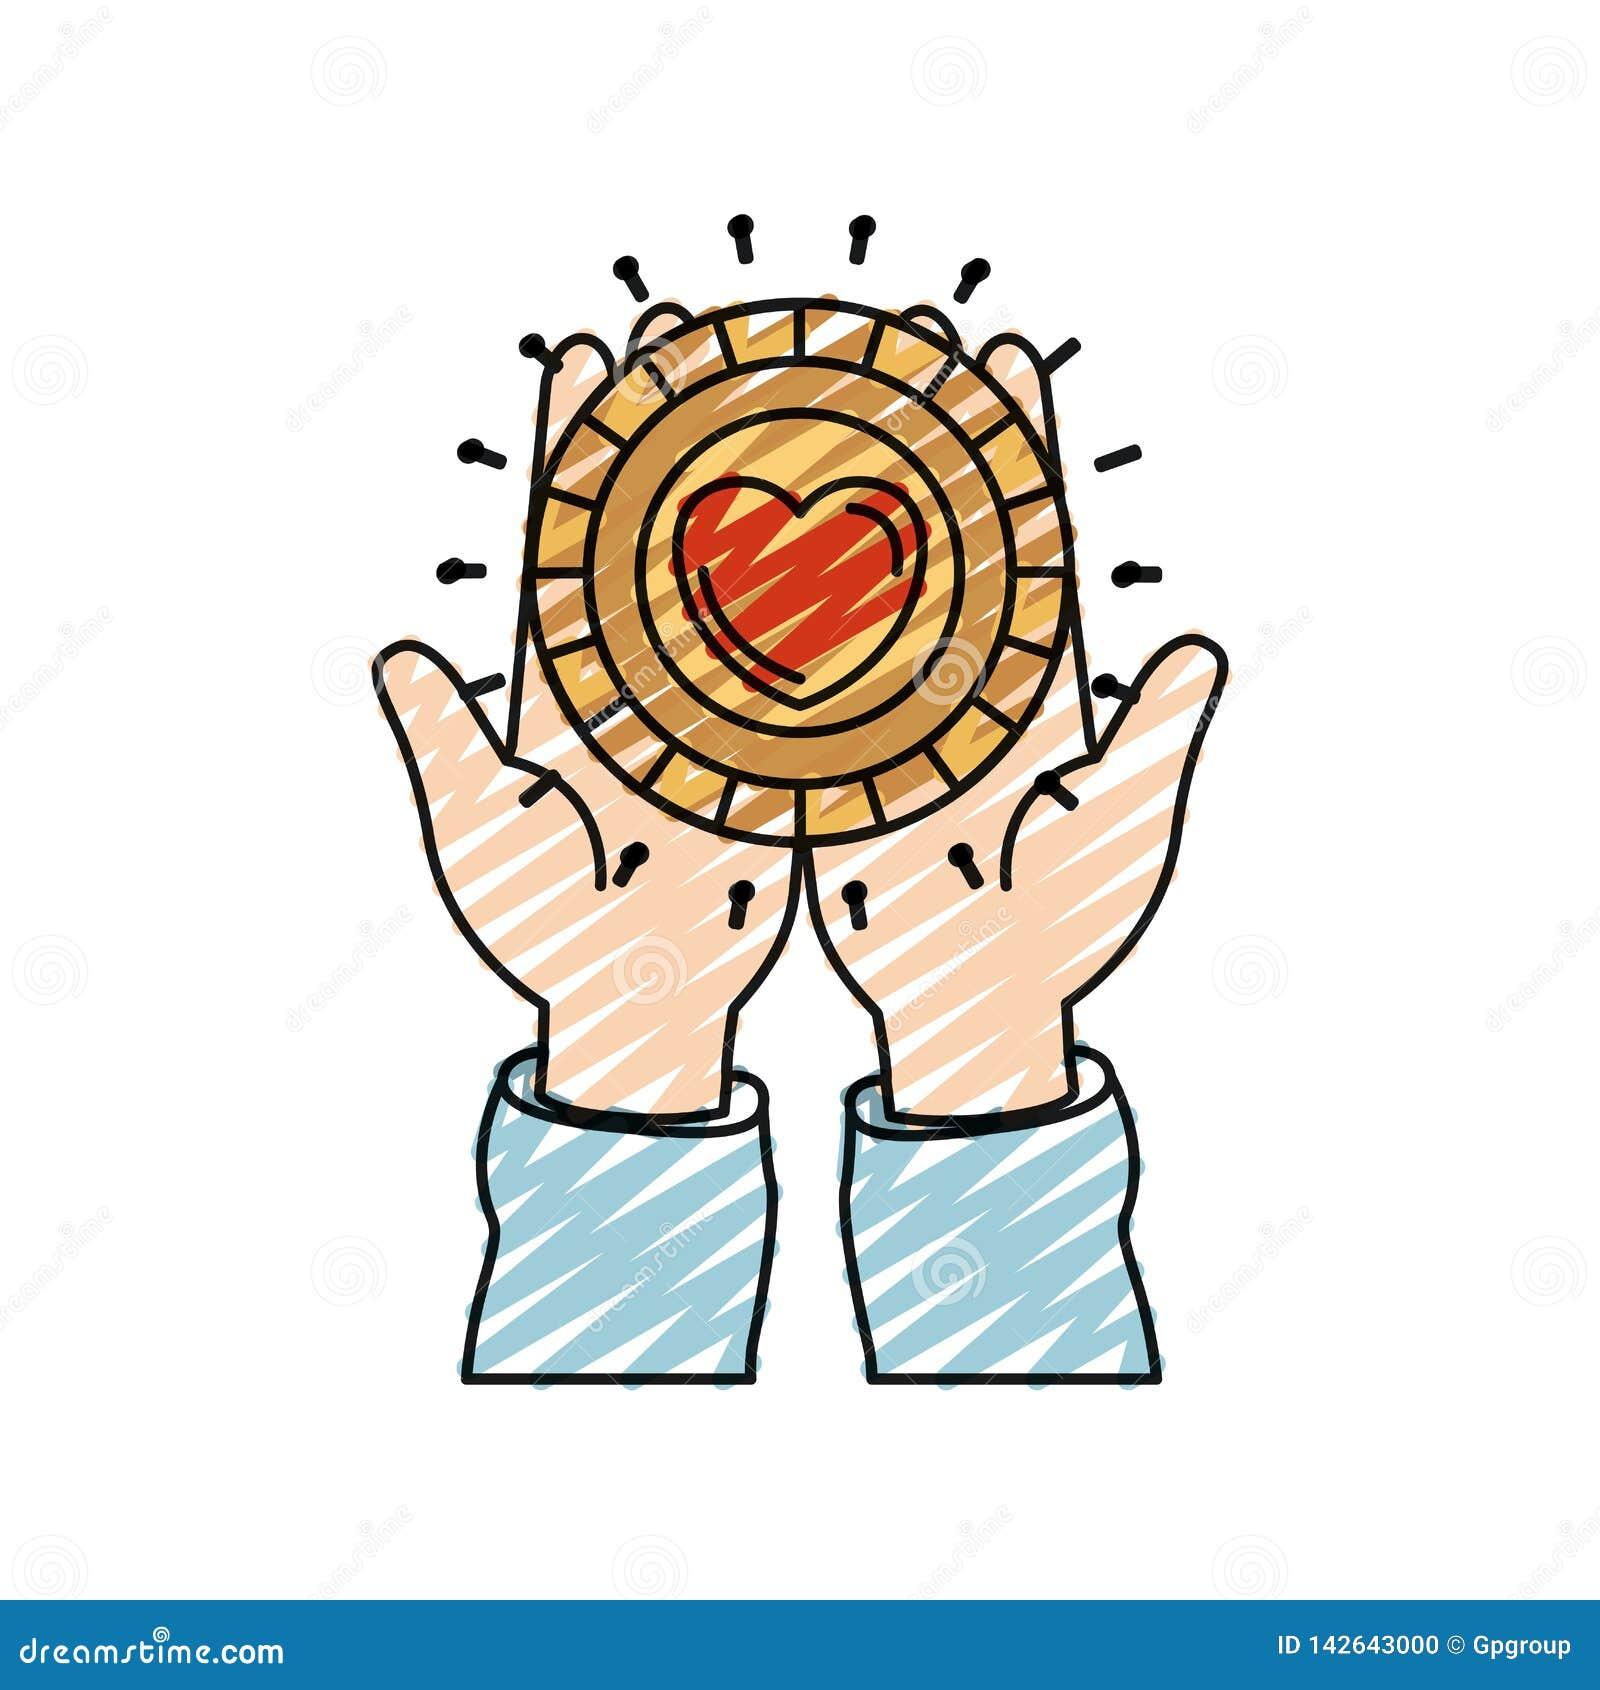 Kolor kredkowej sylwetki frontowy widok ręki trzyma w palmach monetę z kierowym kształtem wśrodku dobroczynność symbolu